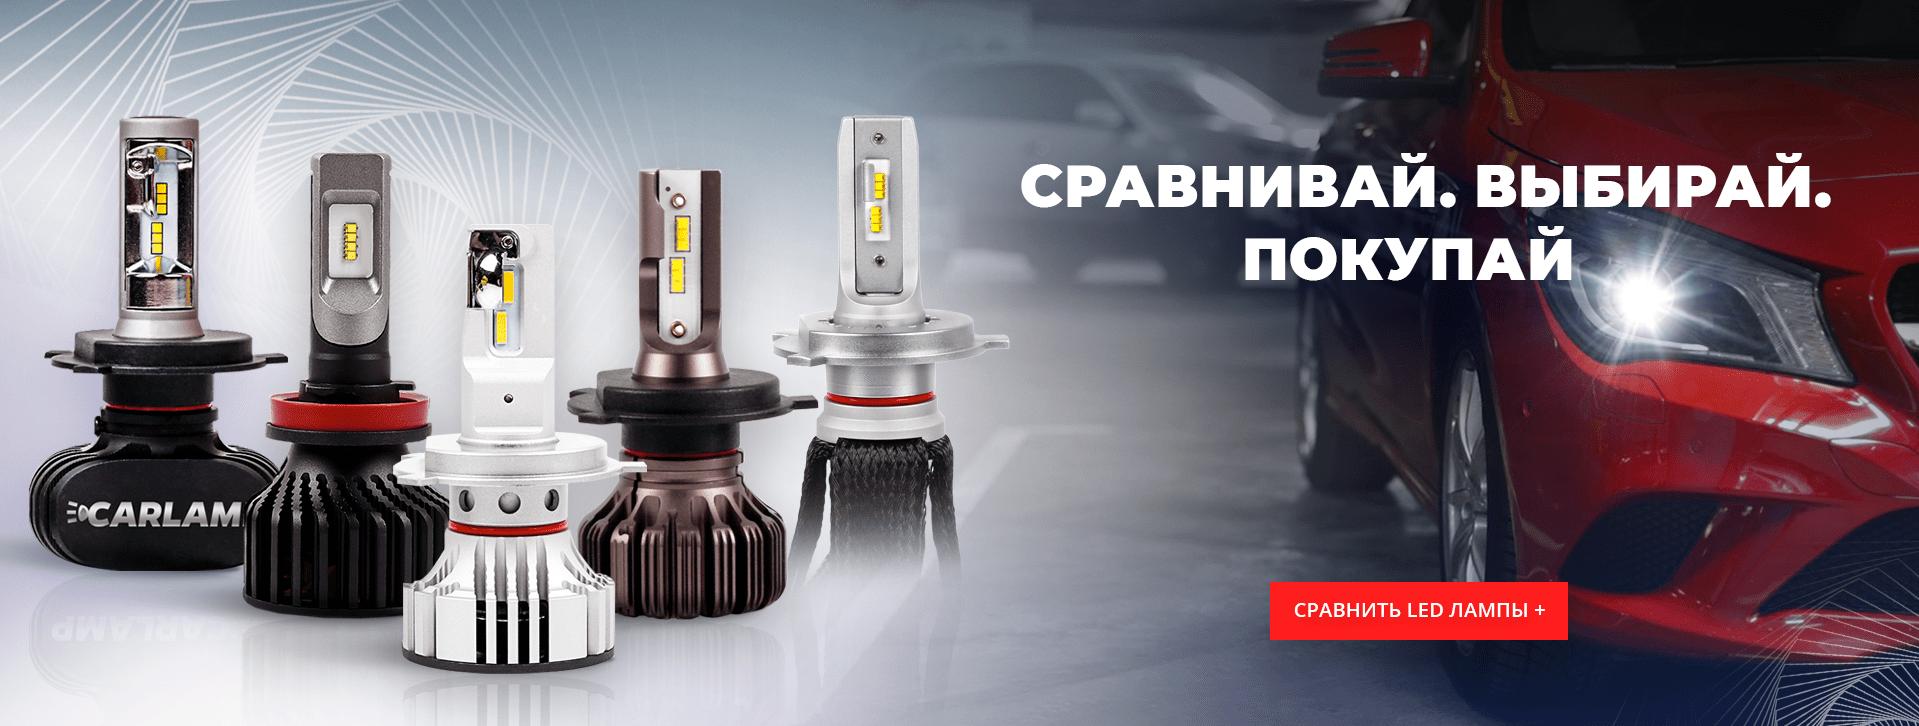 Чем отличаются между собой светодиодные автолампы carlamp